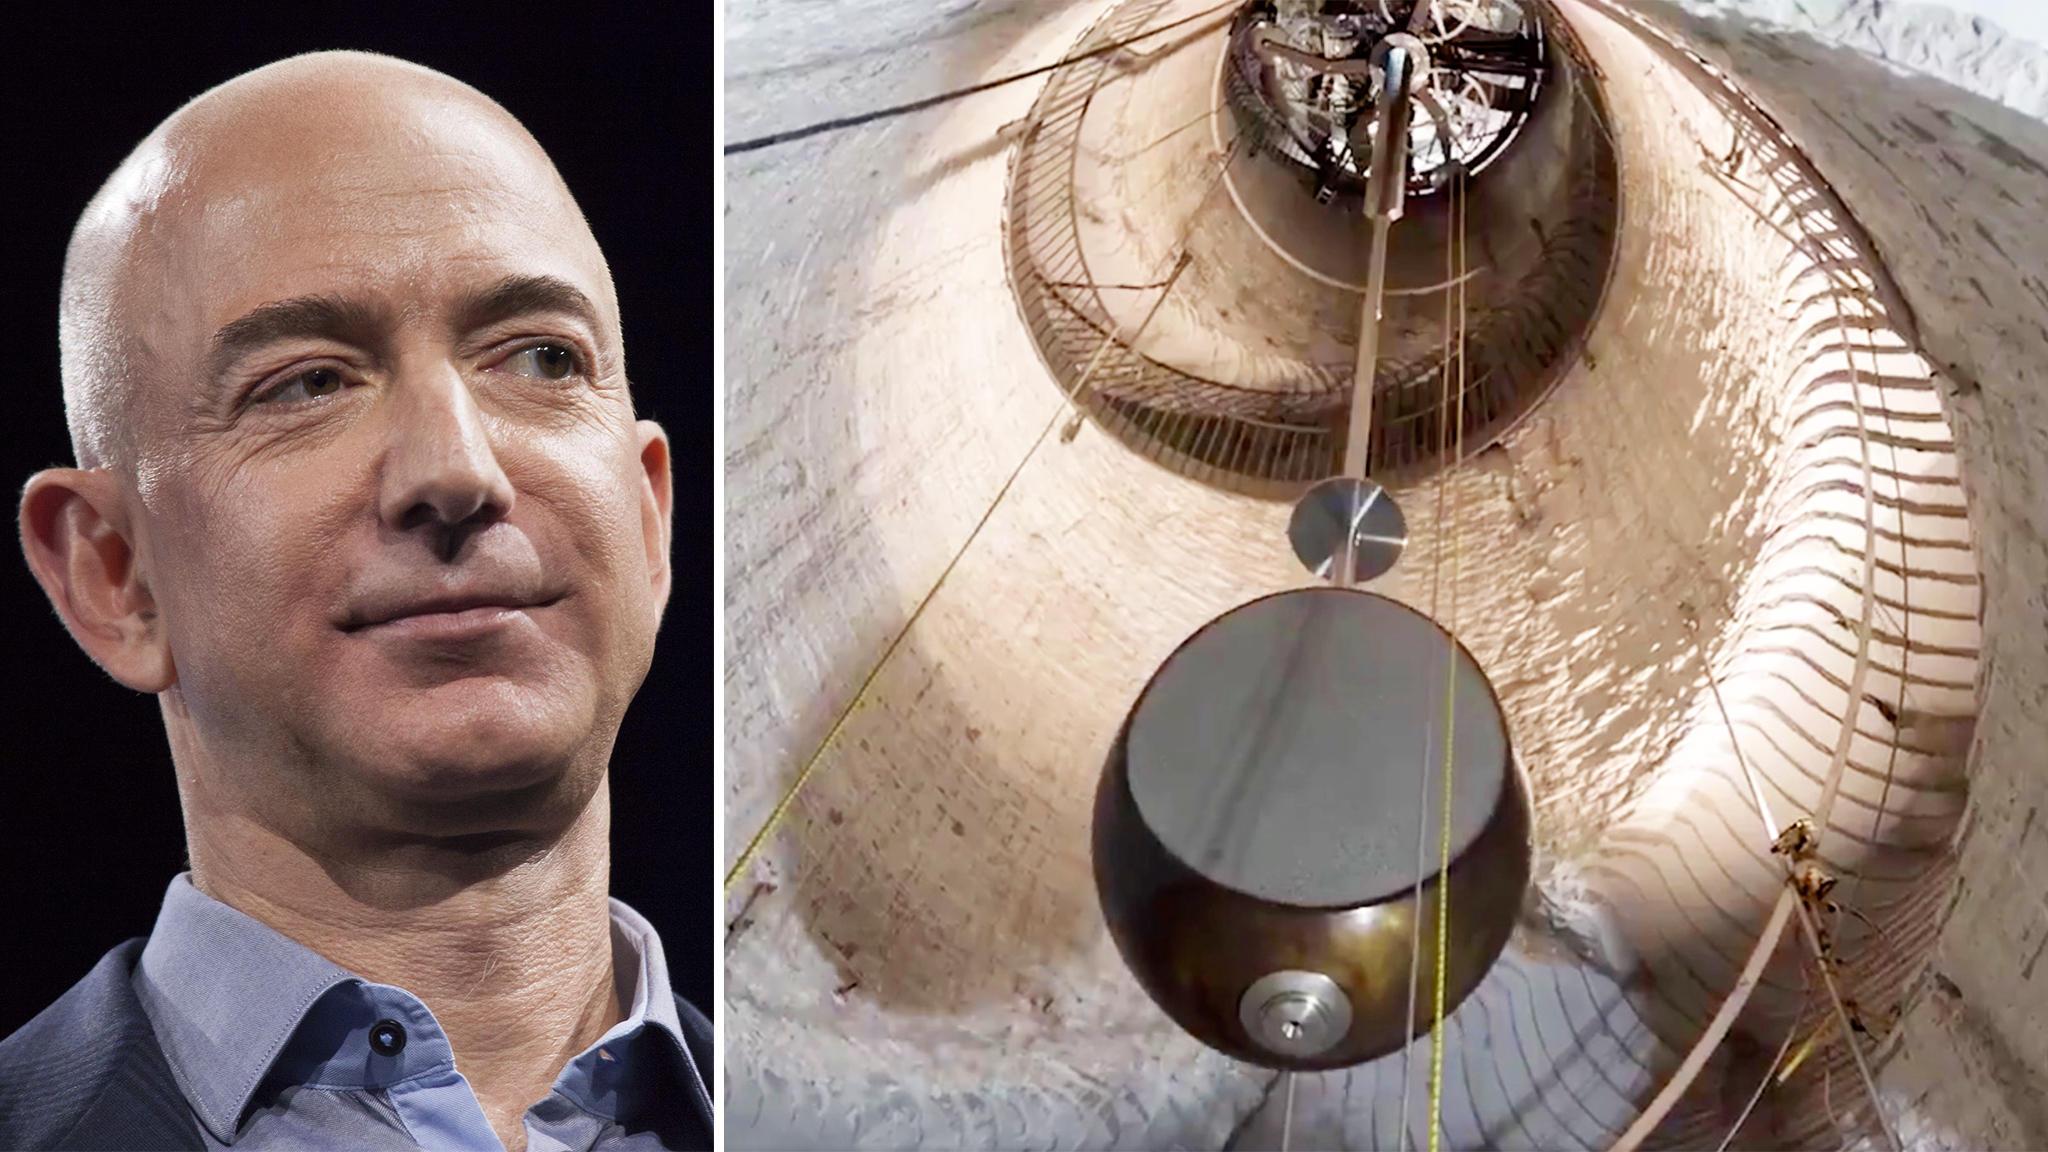 Jeff Bezos Amazon Chef Baut Mechanische Riesen Uhr Die 10000